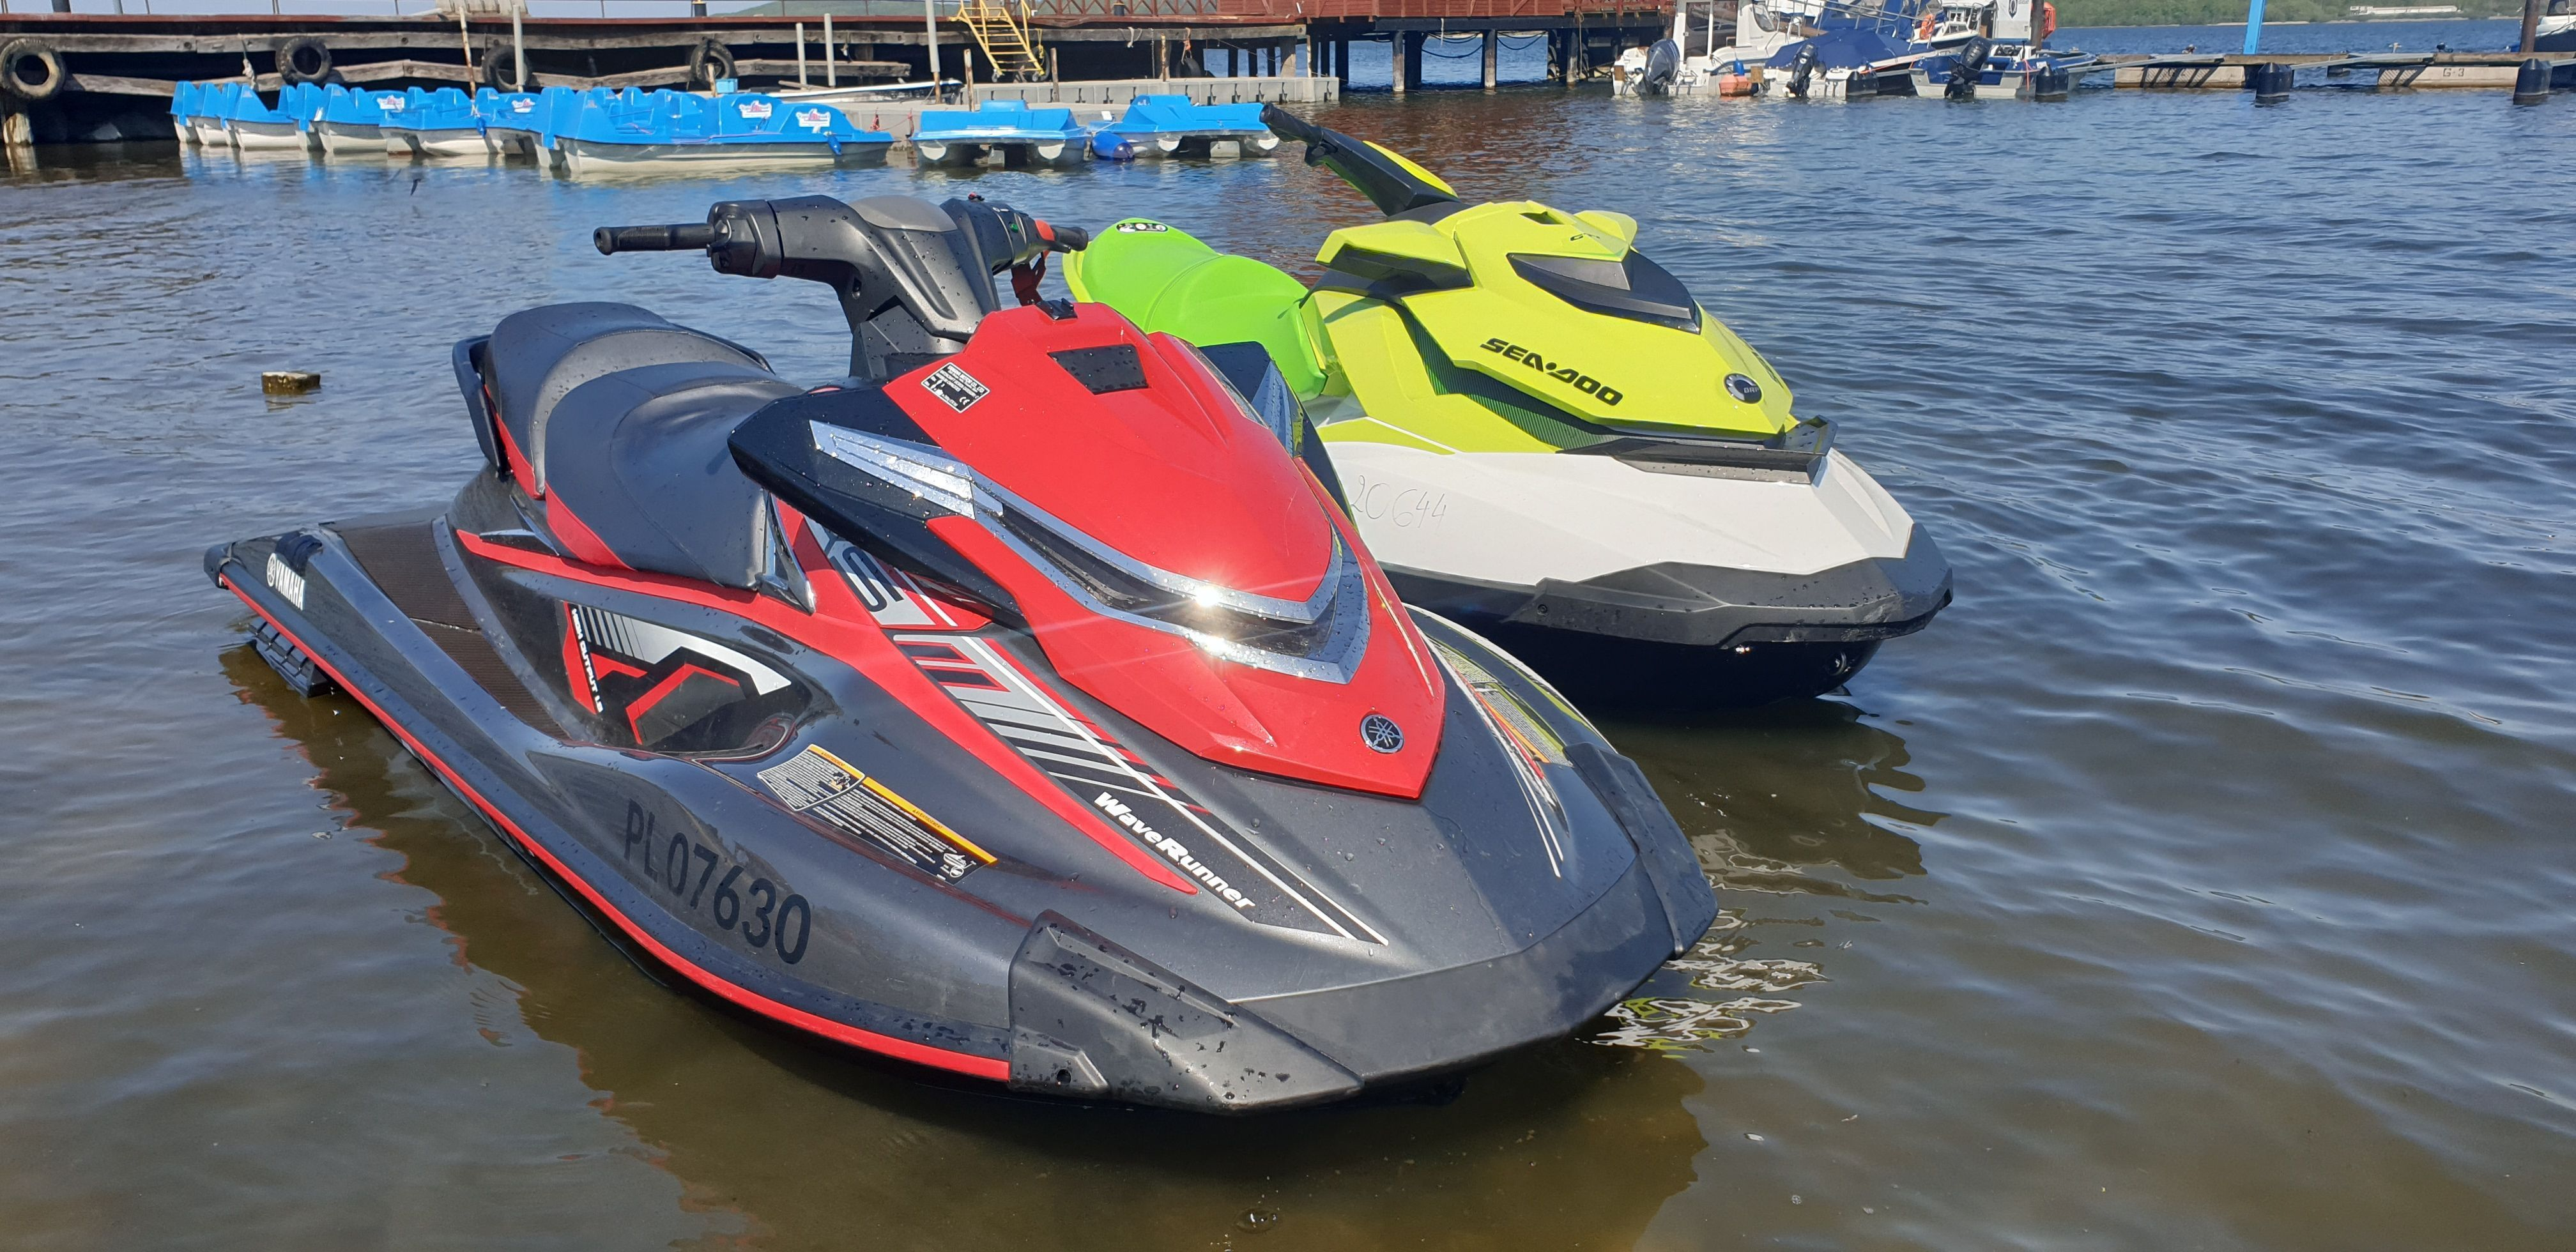 Skuter Wodny Yamaha VXS 180 KM Wynajem. Dojazd, wodowanie i kapoki GRATIS